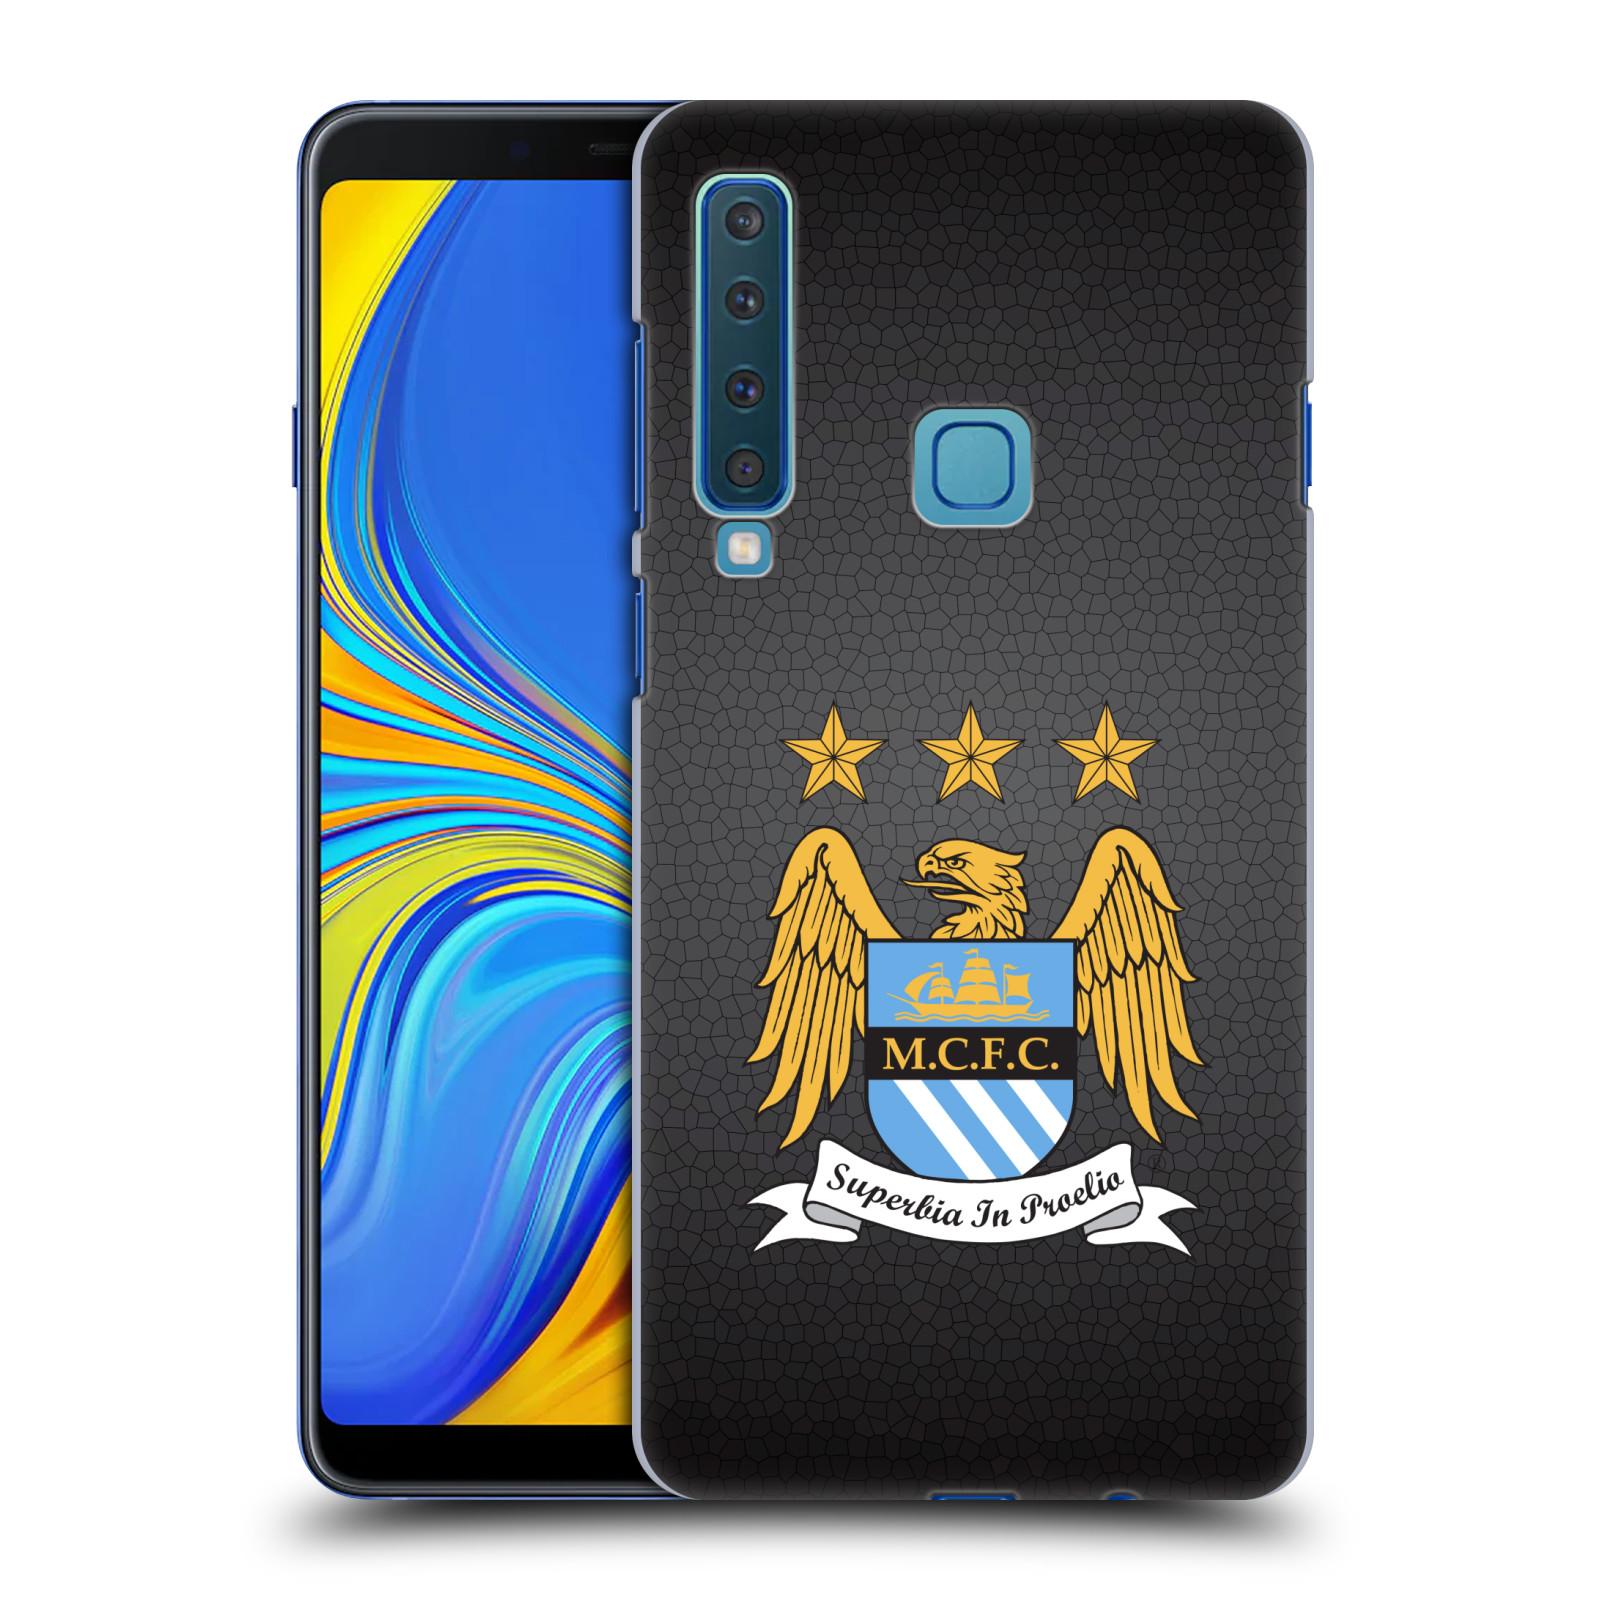 Plastové pouzdro na mobil Samsung Galaxy A9 (2018) - Head Case - Manchester City FC - Superbia In Proelio